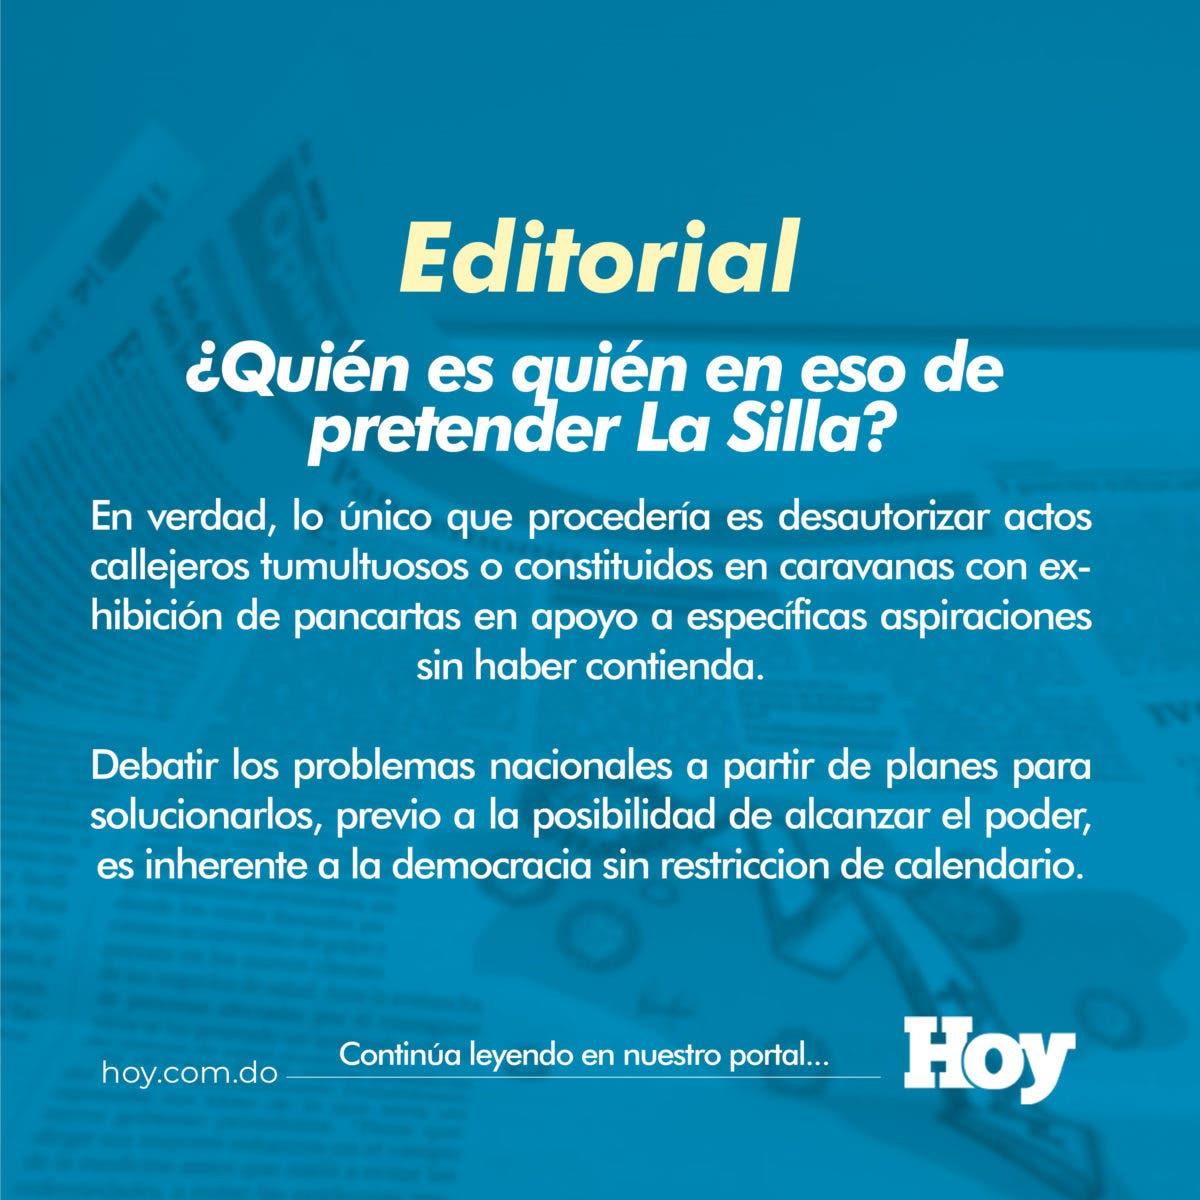 ¿Quién es quién en eso de pretender La Silla?